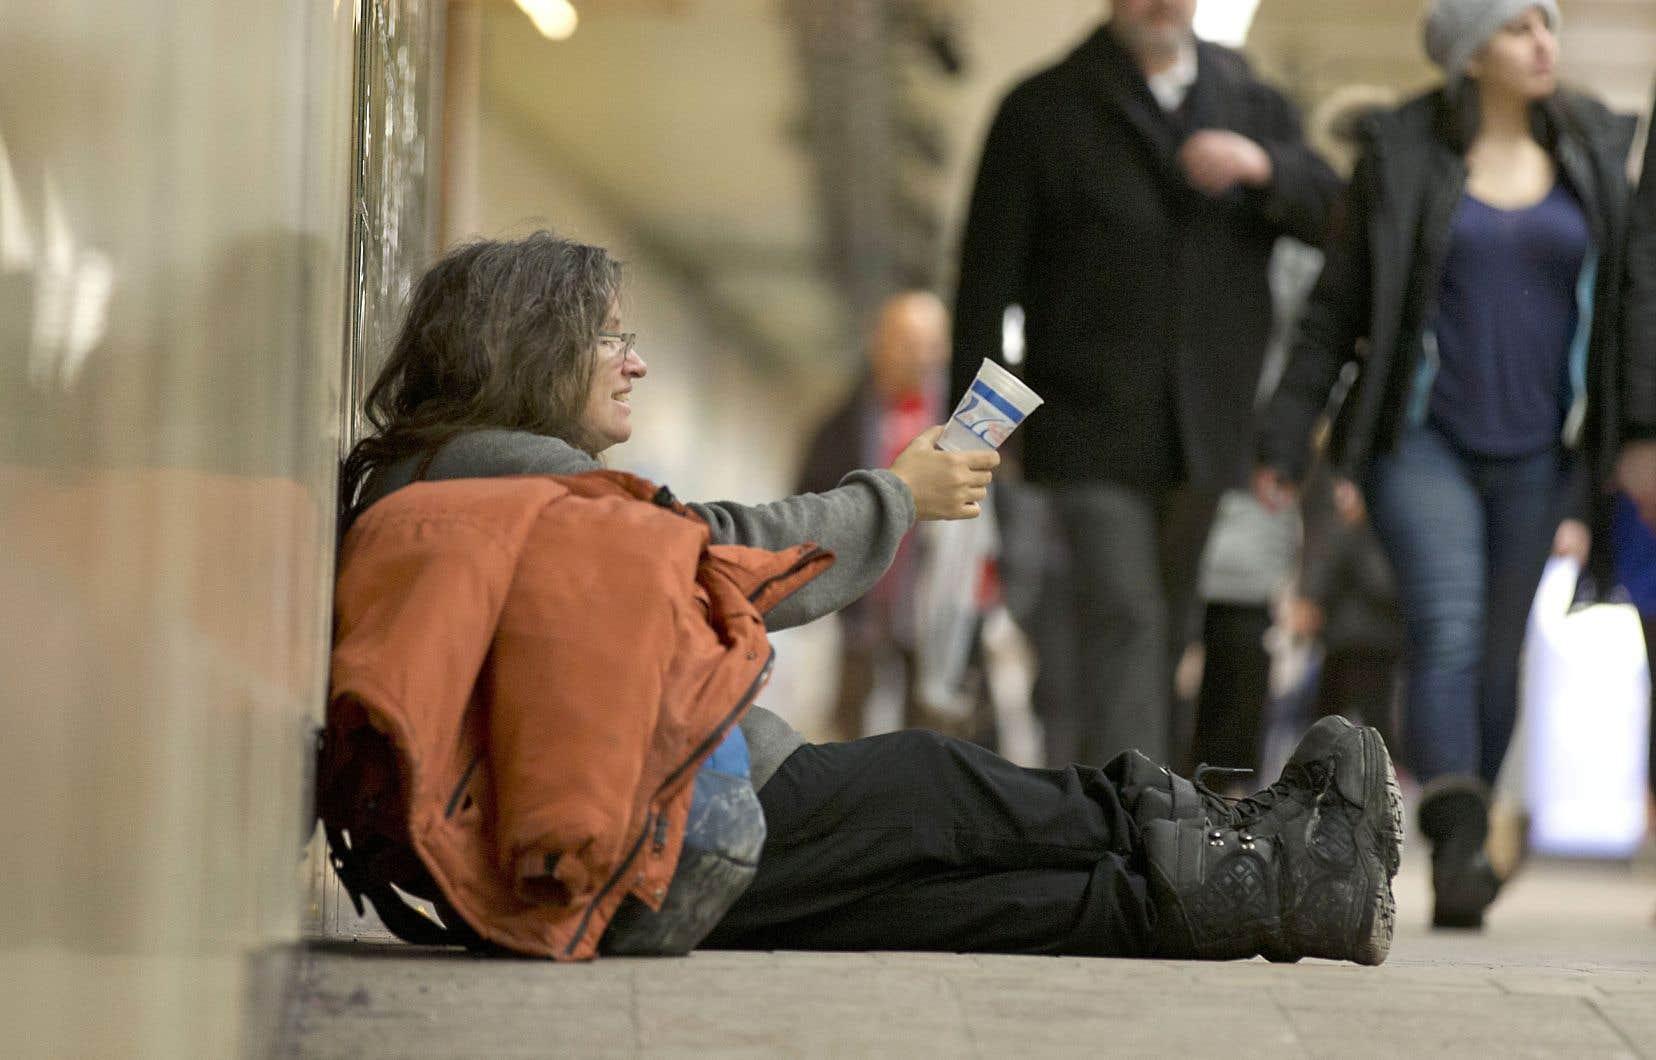 On voit relativement peu d'itinérantes dans les rues, mais ce n'est que parce que les femmes sans domicile fixe ont tendance à cacher leur misère.